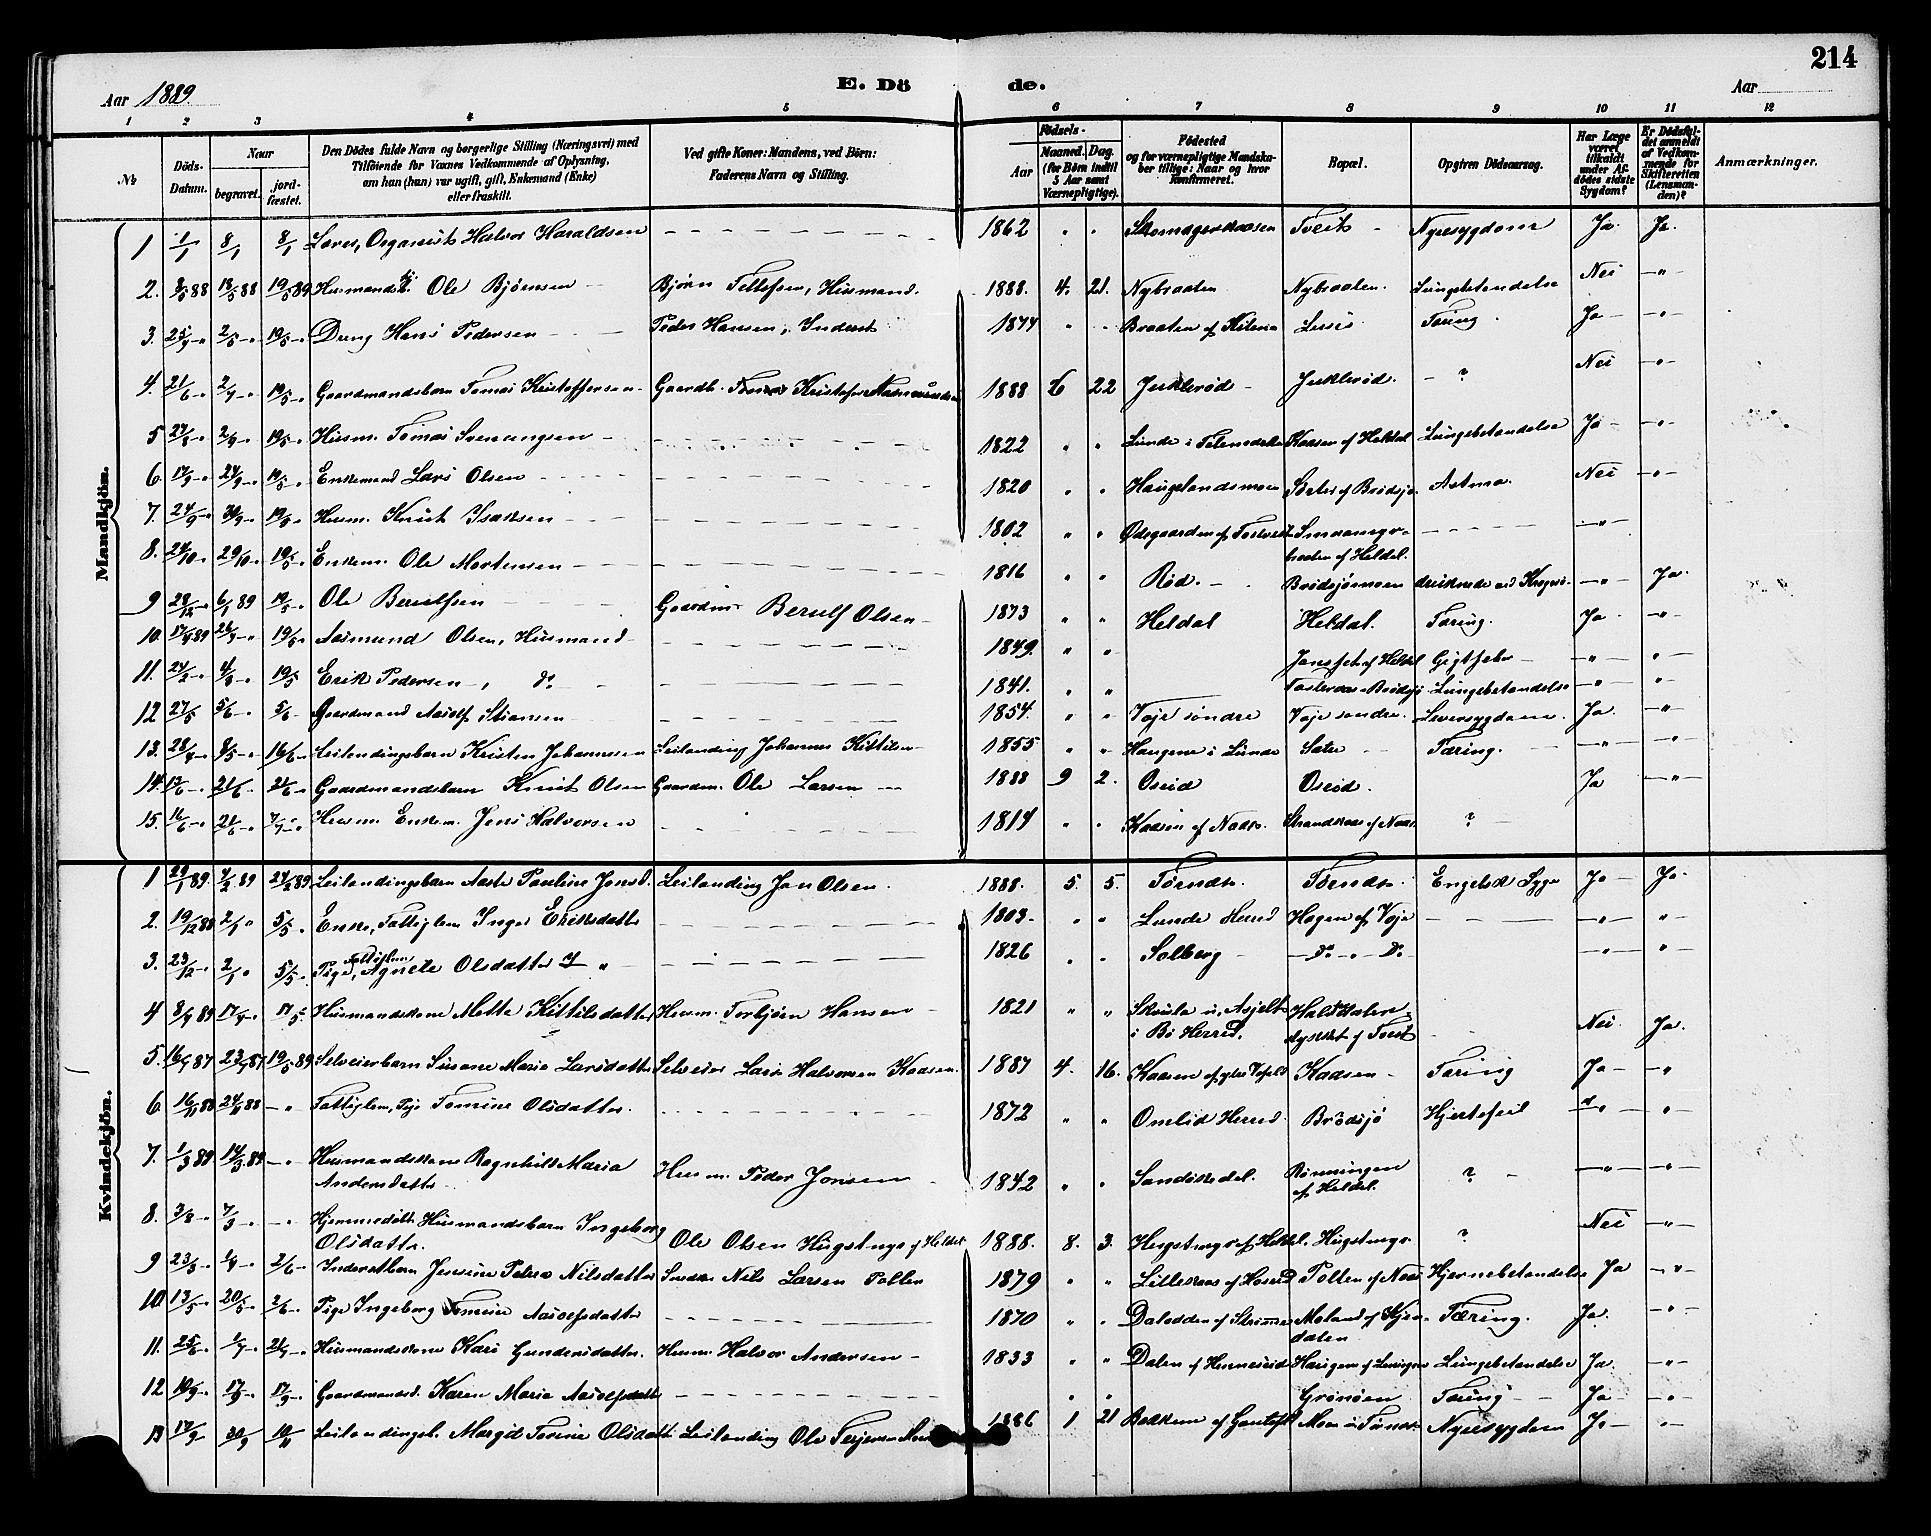 SAKO, Drangedal kirkebøker, G/Ga/L0003: Klokkerbok nr. I 3, 1887-1906, s. 214